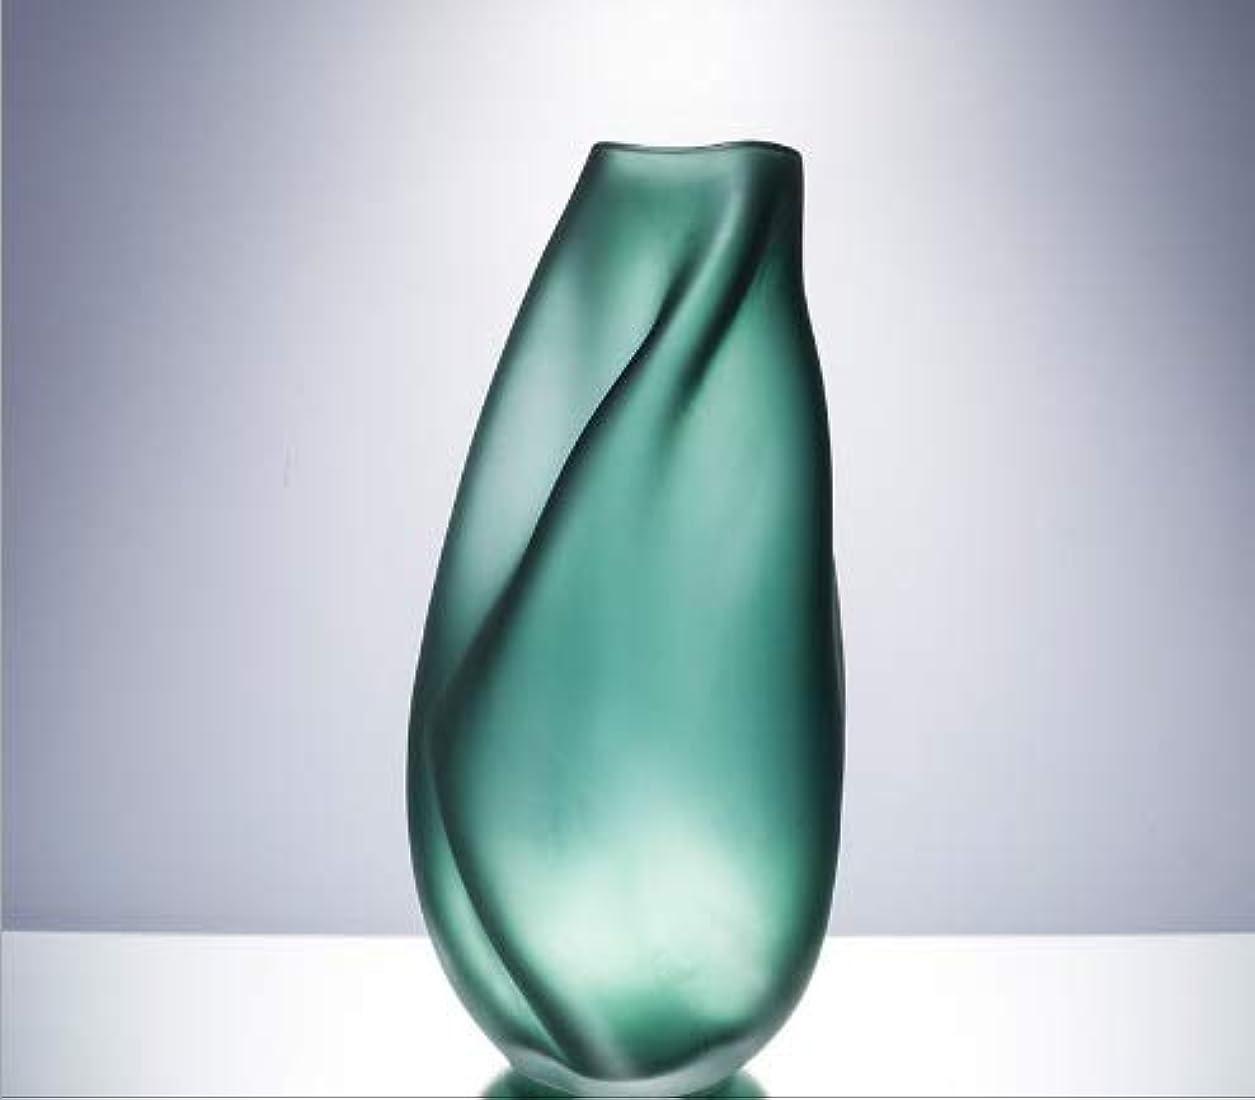 上院議員性別分配しますChennong ダイヤモンドスターカラークリエイティブガラス花瓶現代のシンプルな水耕の花家の装飾工芸品 (Size : L)